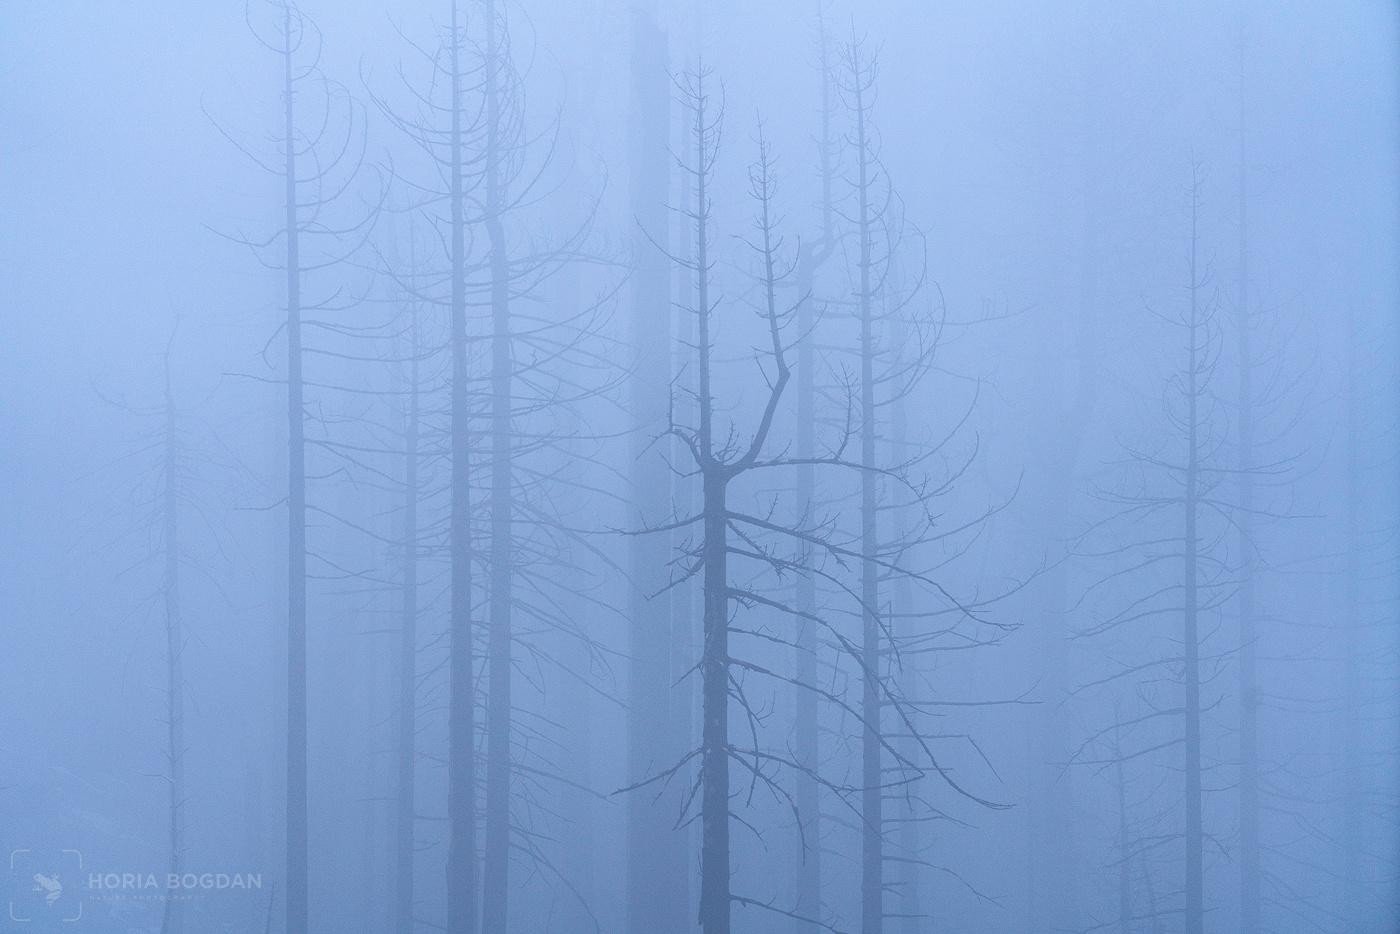 Eeriness by Horia Bogdan